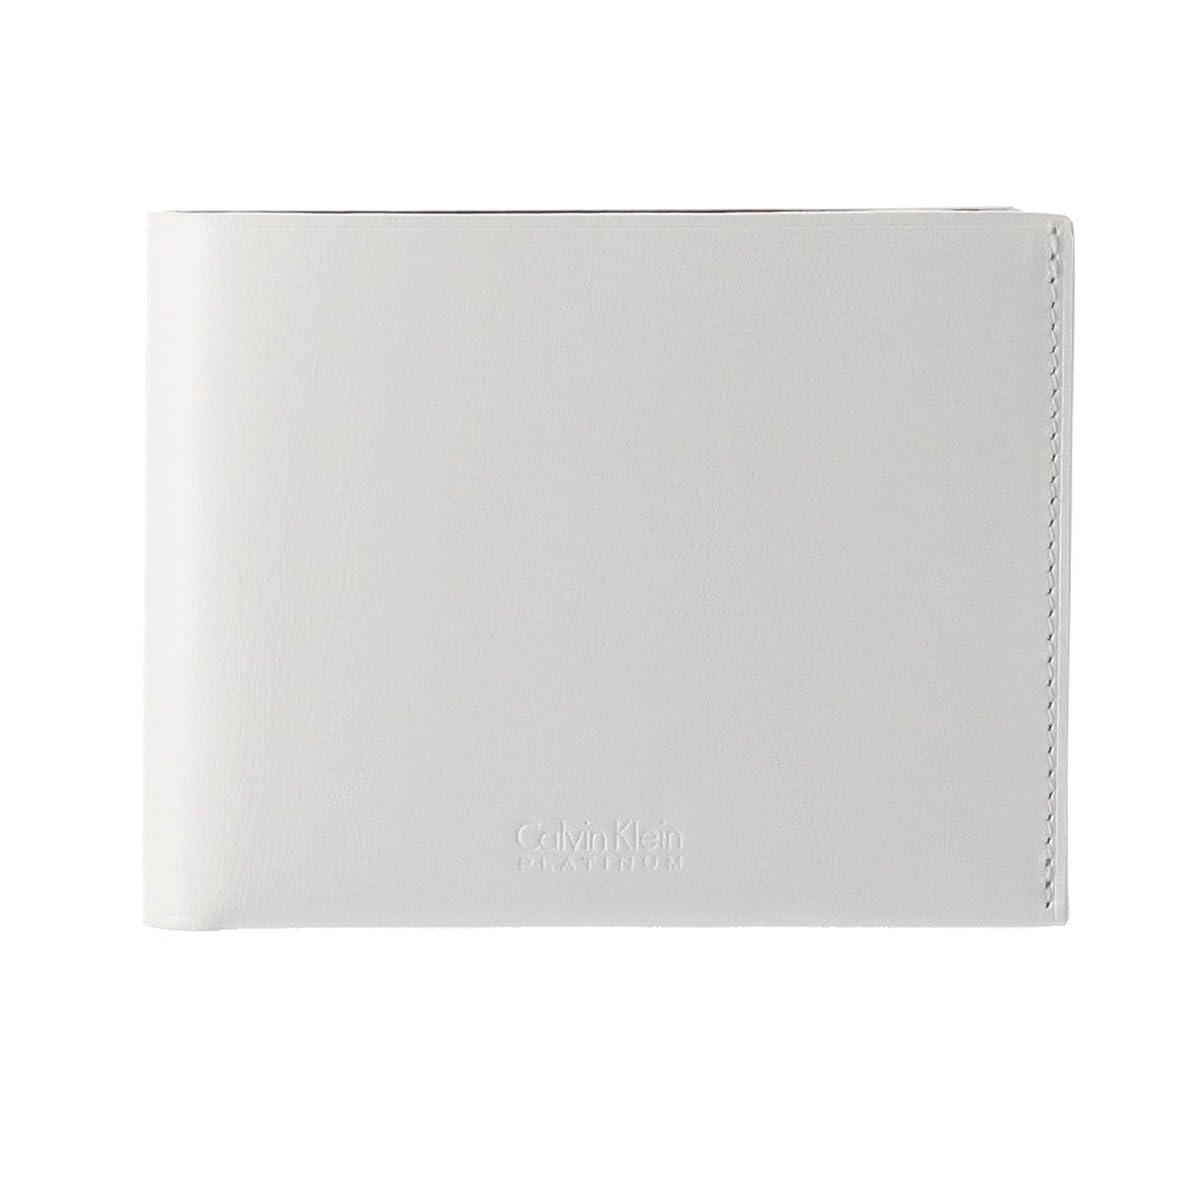 穀物ヒールメッセージ(カルバンクライン プラティナム) CalvinKlein PLATINUM 二つ折り財布 フォーカス 852604 CK シーケー